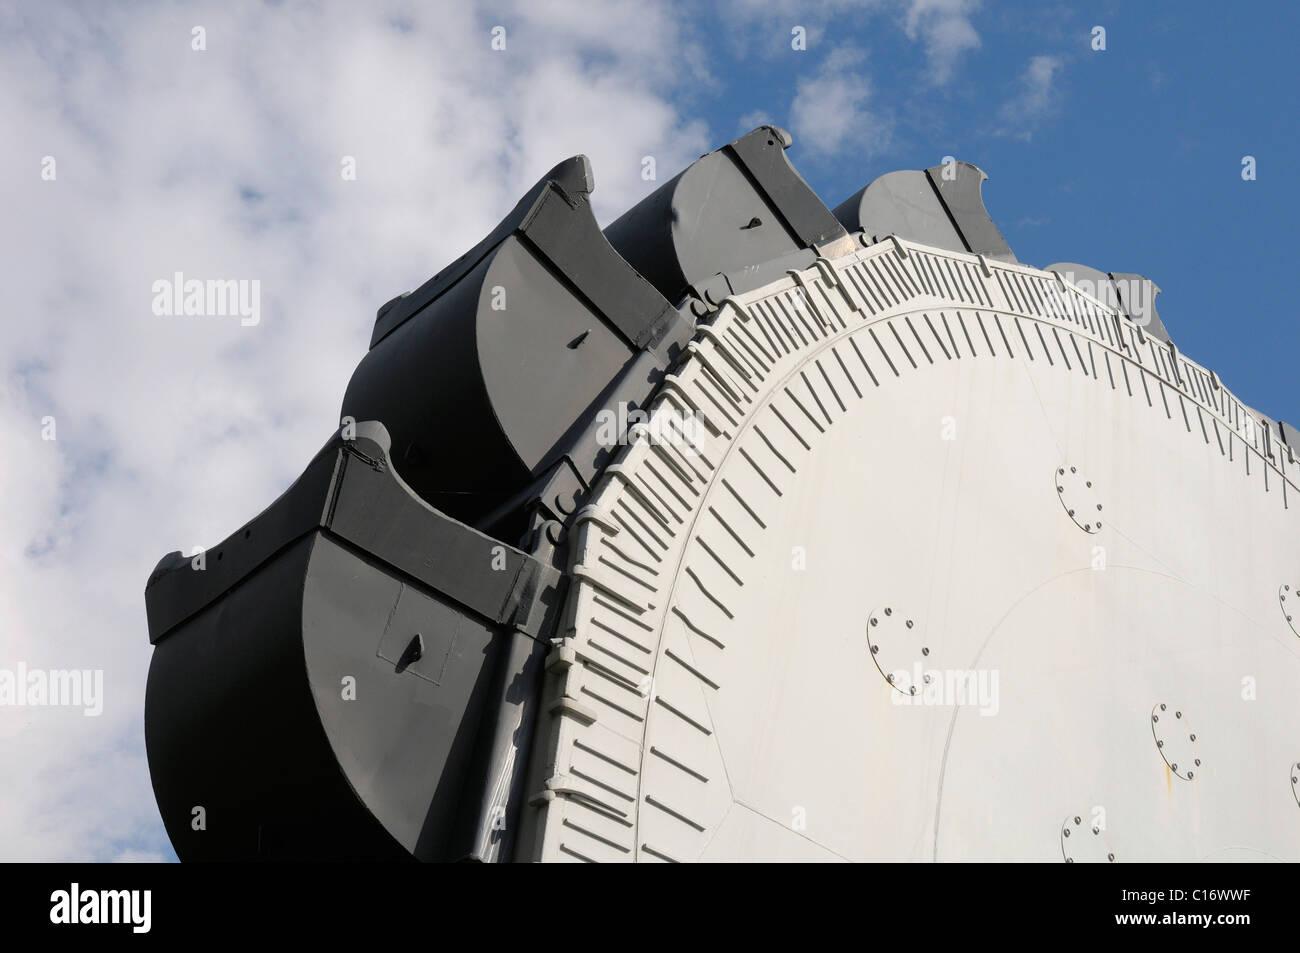 Bucket wheel SRs 6300, overburden excavator, open-pit mining of brown coal Stock Photo